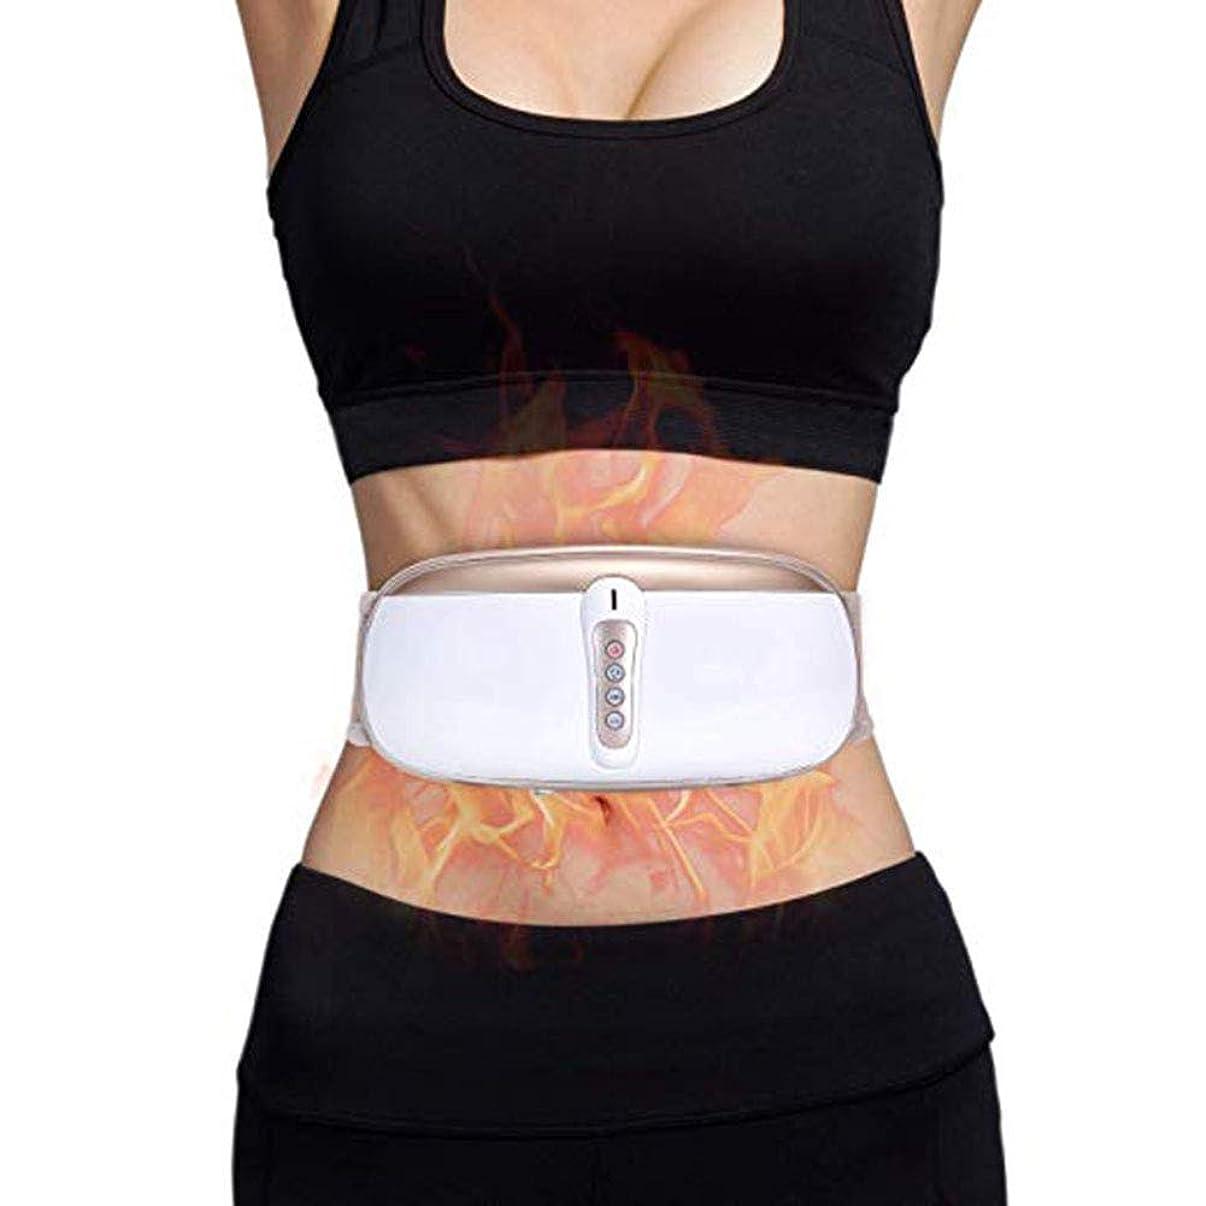 駅ポーク合金スリミングベルト、 調整可能 振動マッサージ 減量機 女性の為に、 と 穏やかな熱、 4つのマッサージモード 腹脂肪バーナー、 血液循環を改善する、 消化を促進する